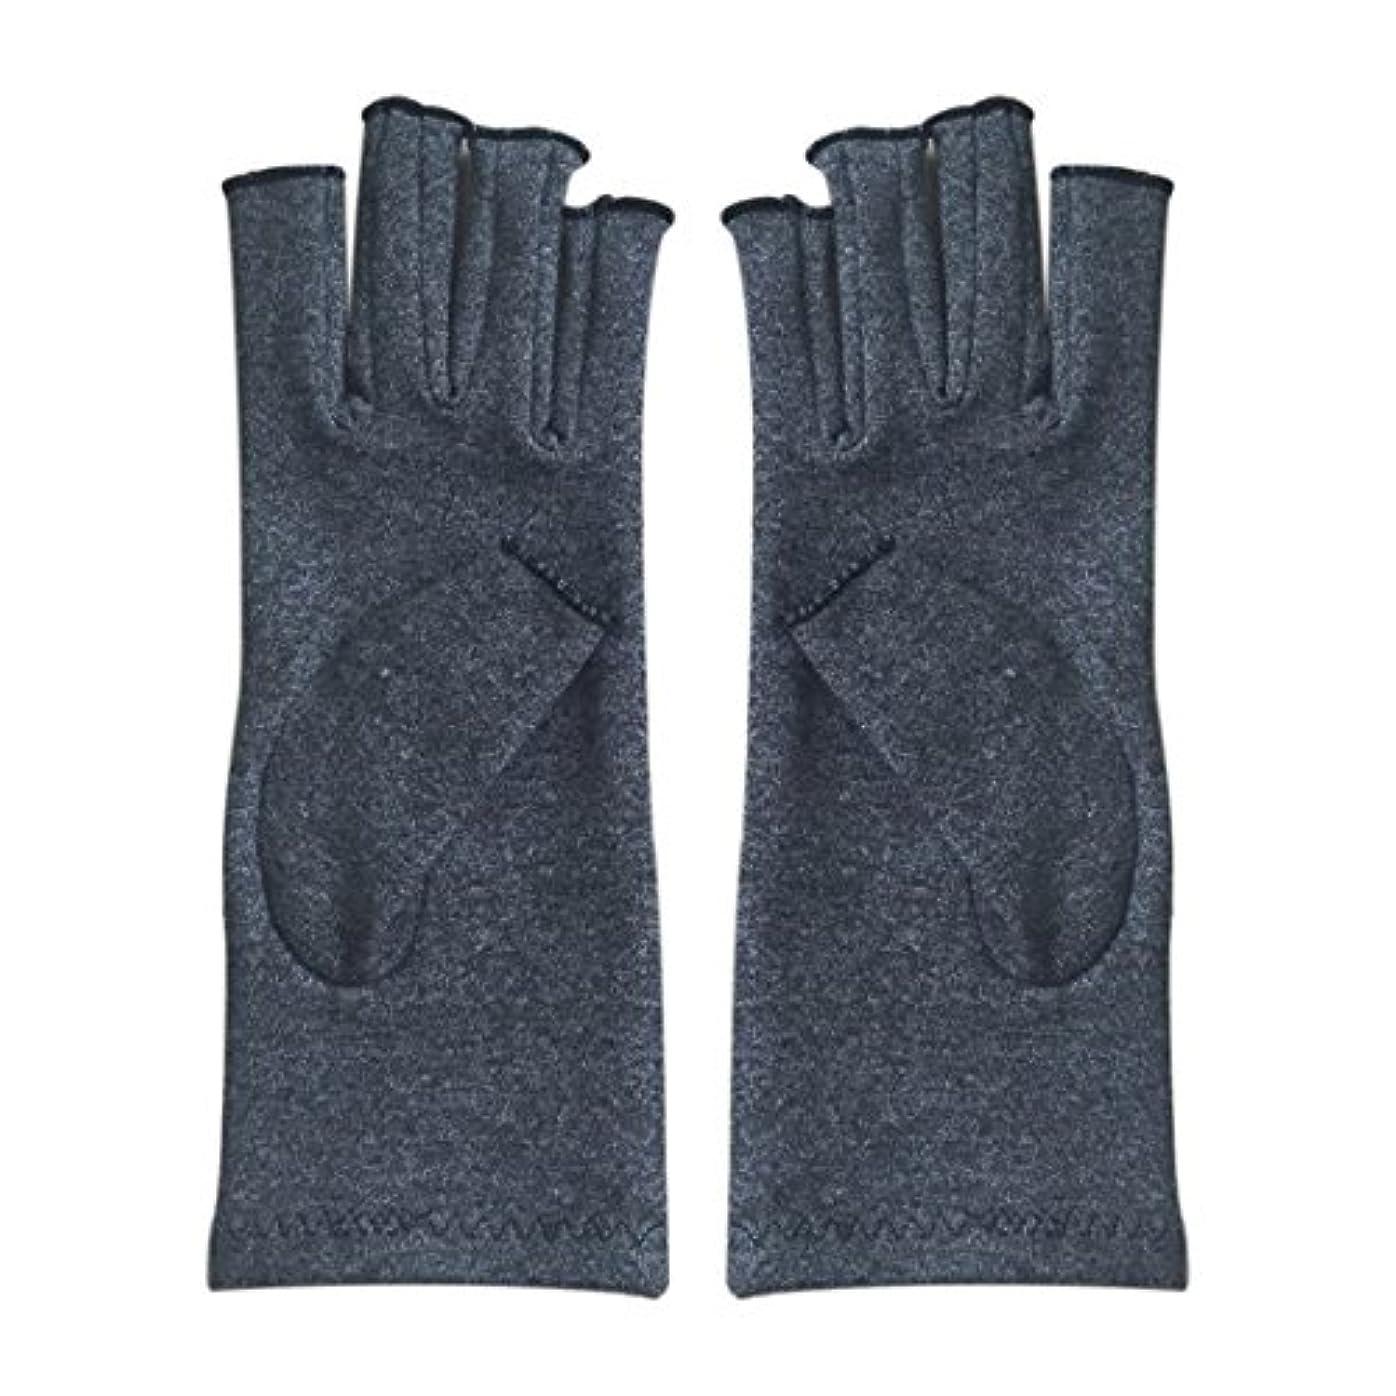 犬吹きさらし隠すTOOGOO ペア 弾性コットン製の手袋 関節式手袋 灰色 M